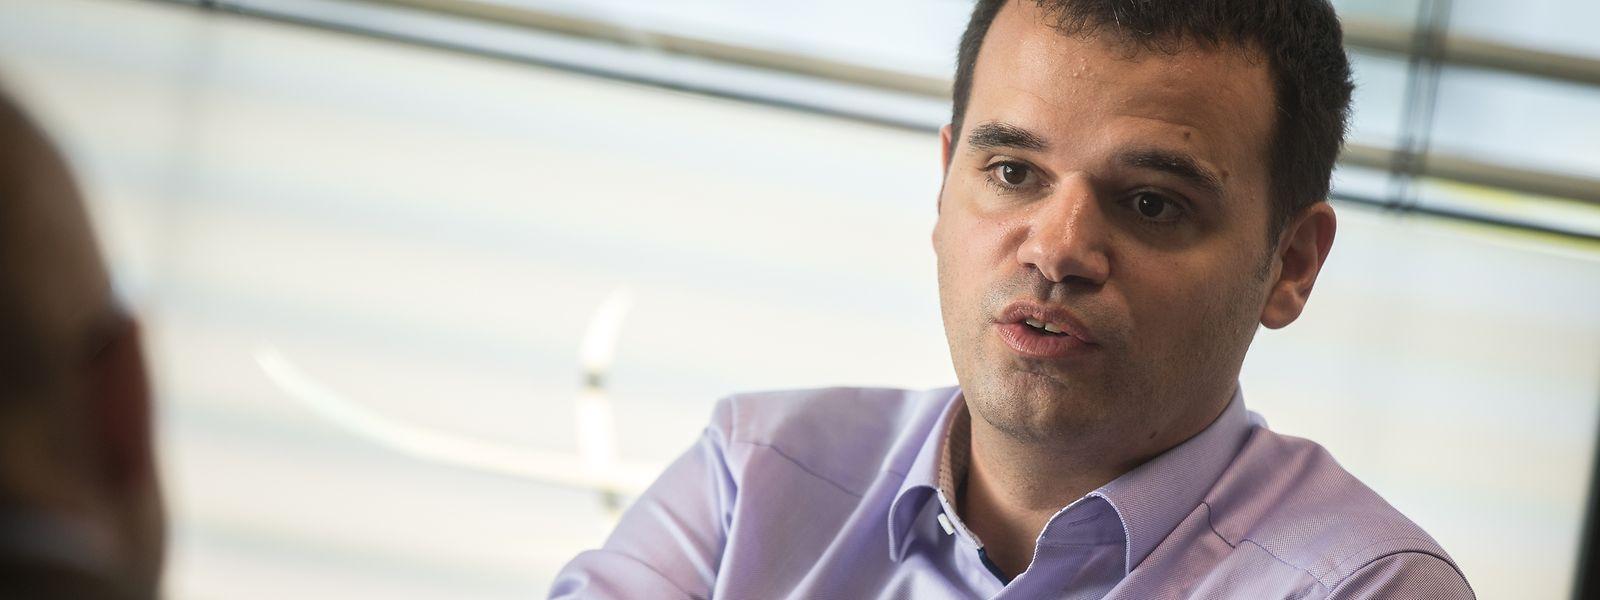 Jacques Pütz ist CEO der Firma Luxhub. Er glaubt, dass Banken neben den technischen Aspekten der EU-Zahlungsdienstrichtlinie  auch strategische Fragen klären müssen, um im Wettbewerb nicht abgehängt zu werden.